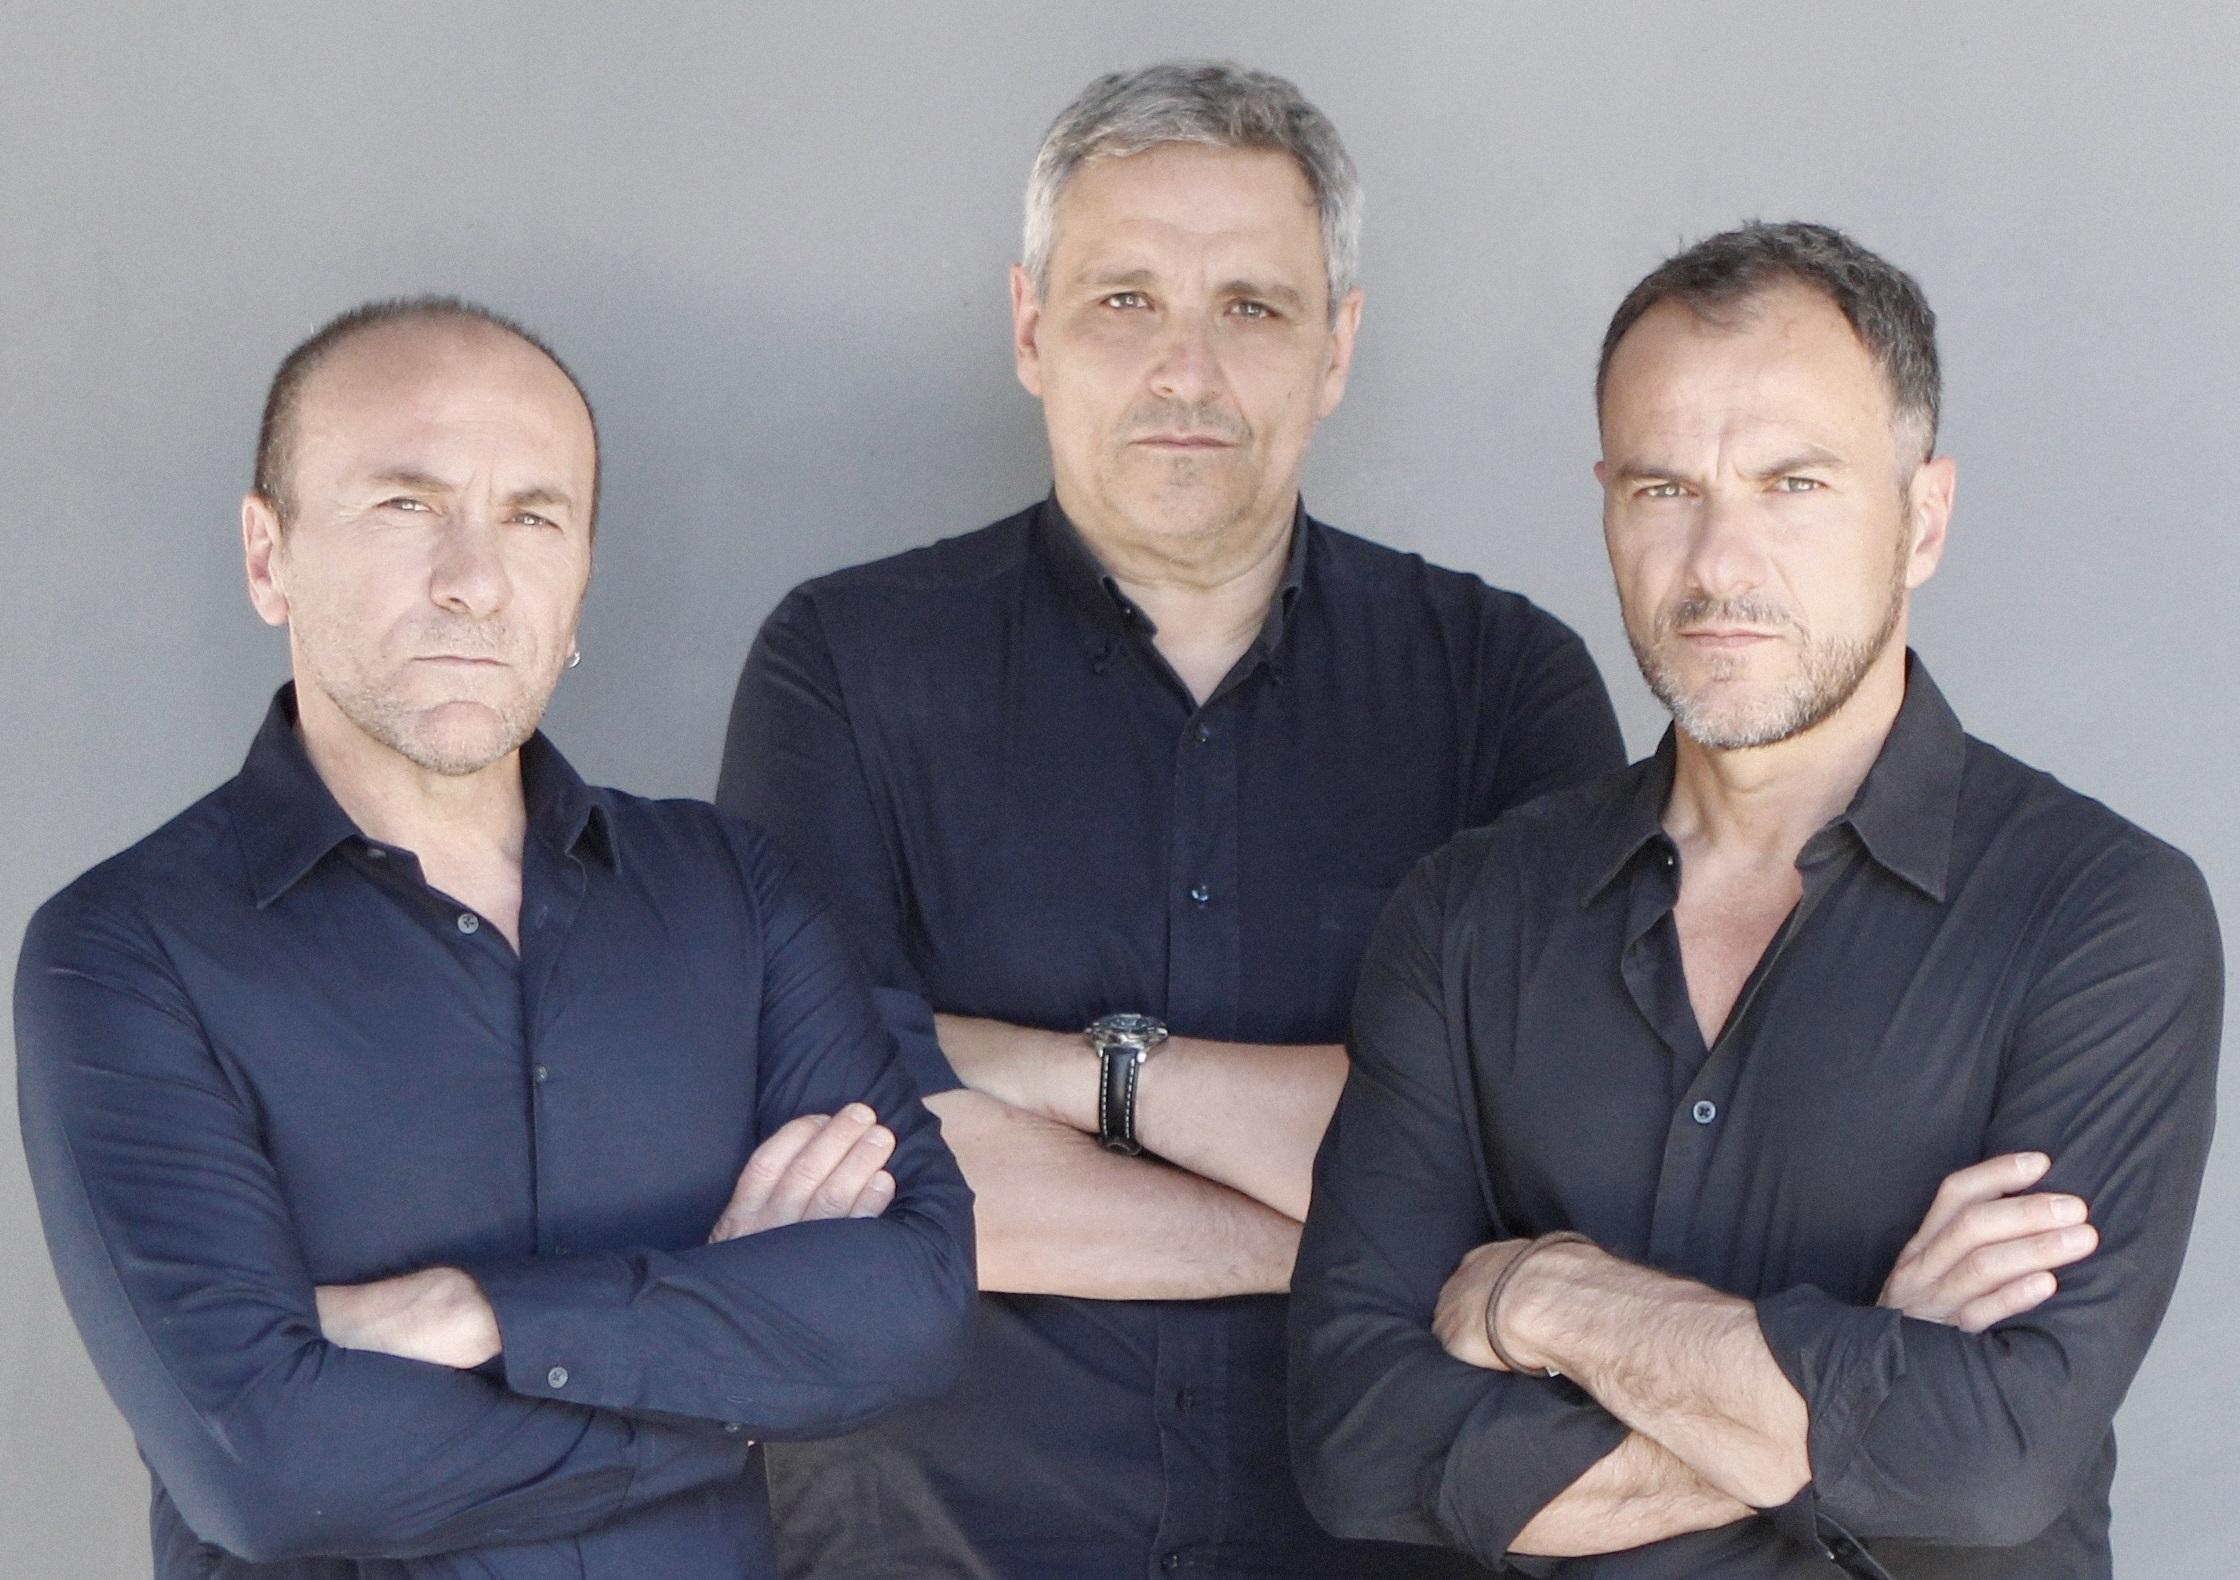 """Arriva al Teatro Lendi: """"Sette vizi napoletani"""", con il trio Gianfranco Gallo, Massimiliano Gallo e Maurizio De Giovanni"""